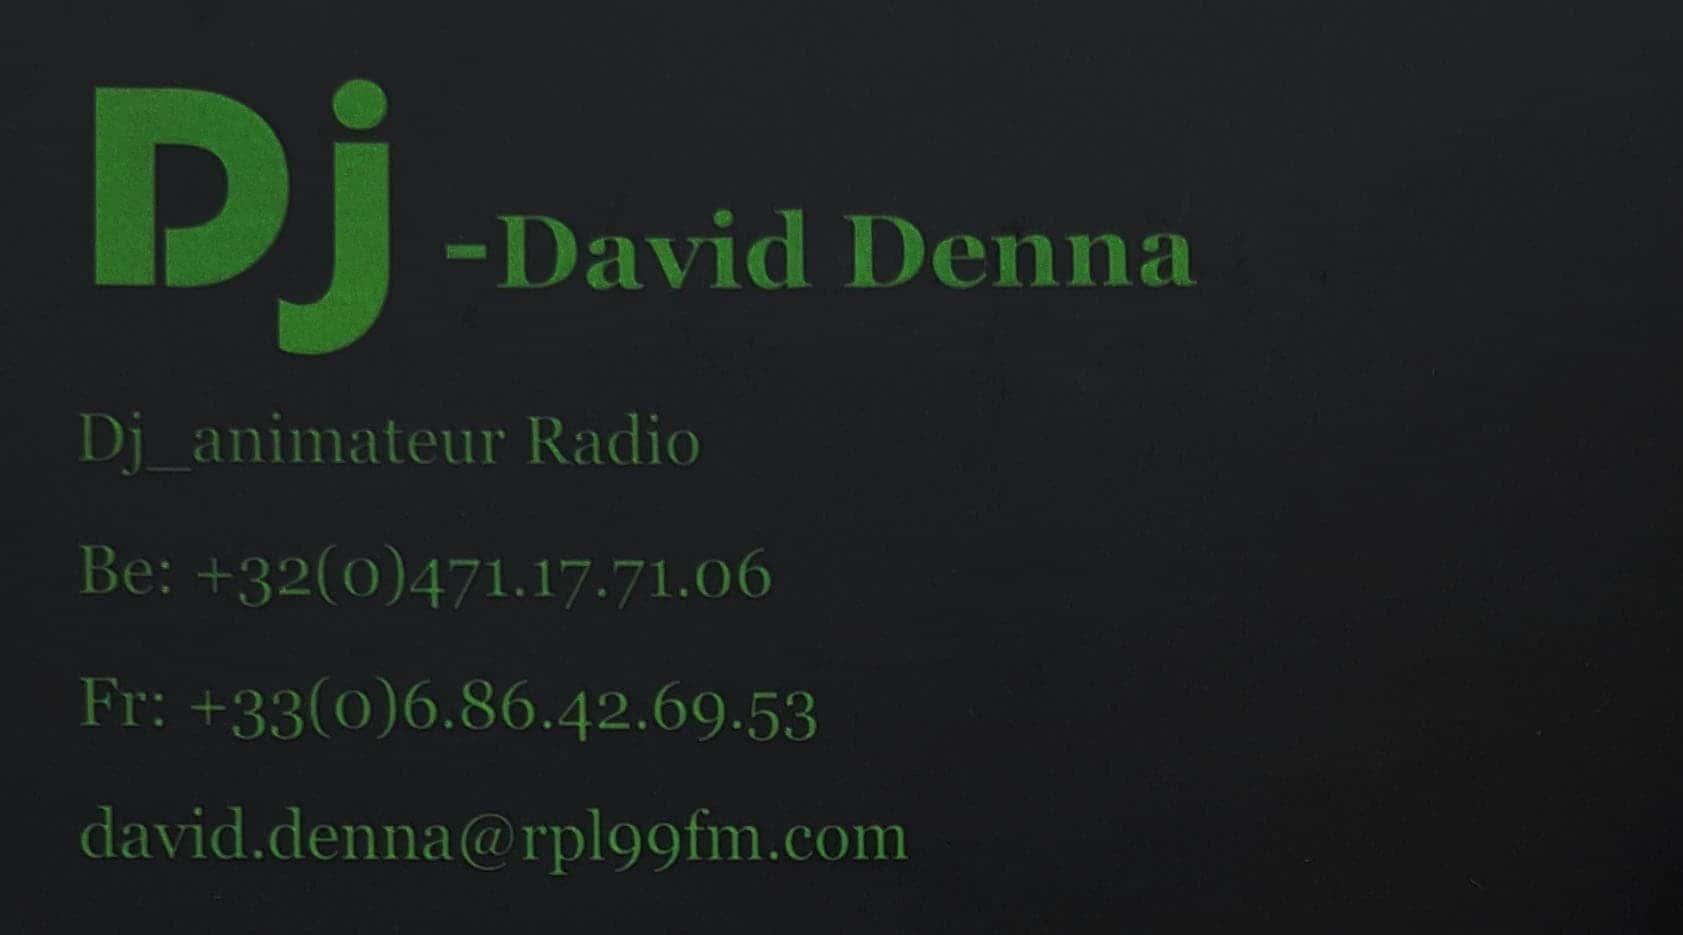 Partenaire du STUDIO 7700.BE le DJ David Denna